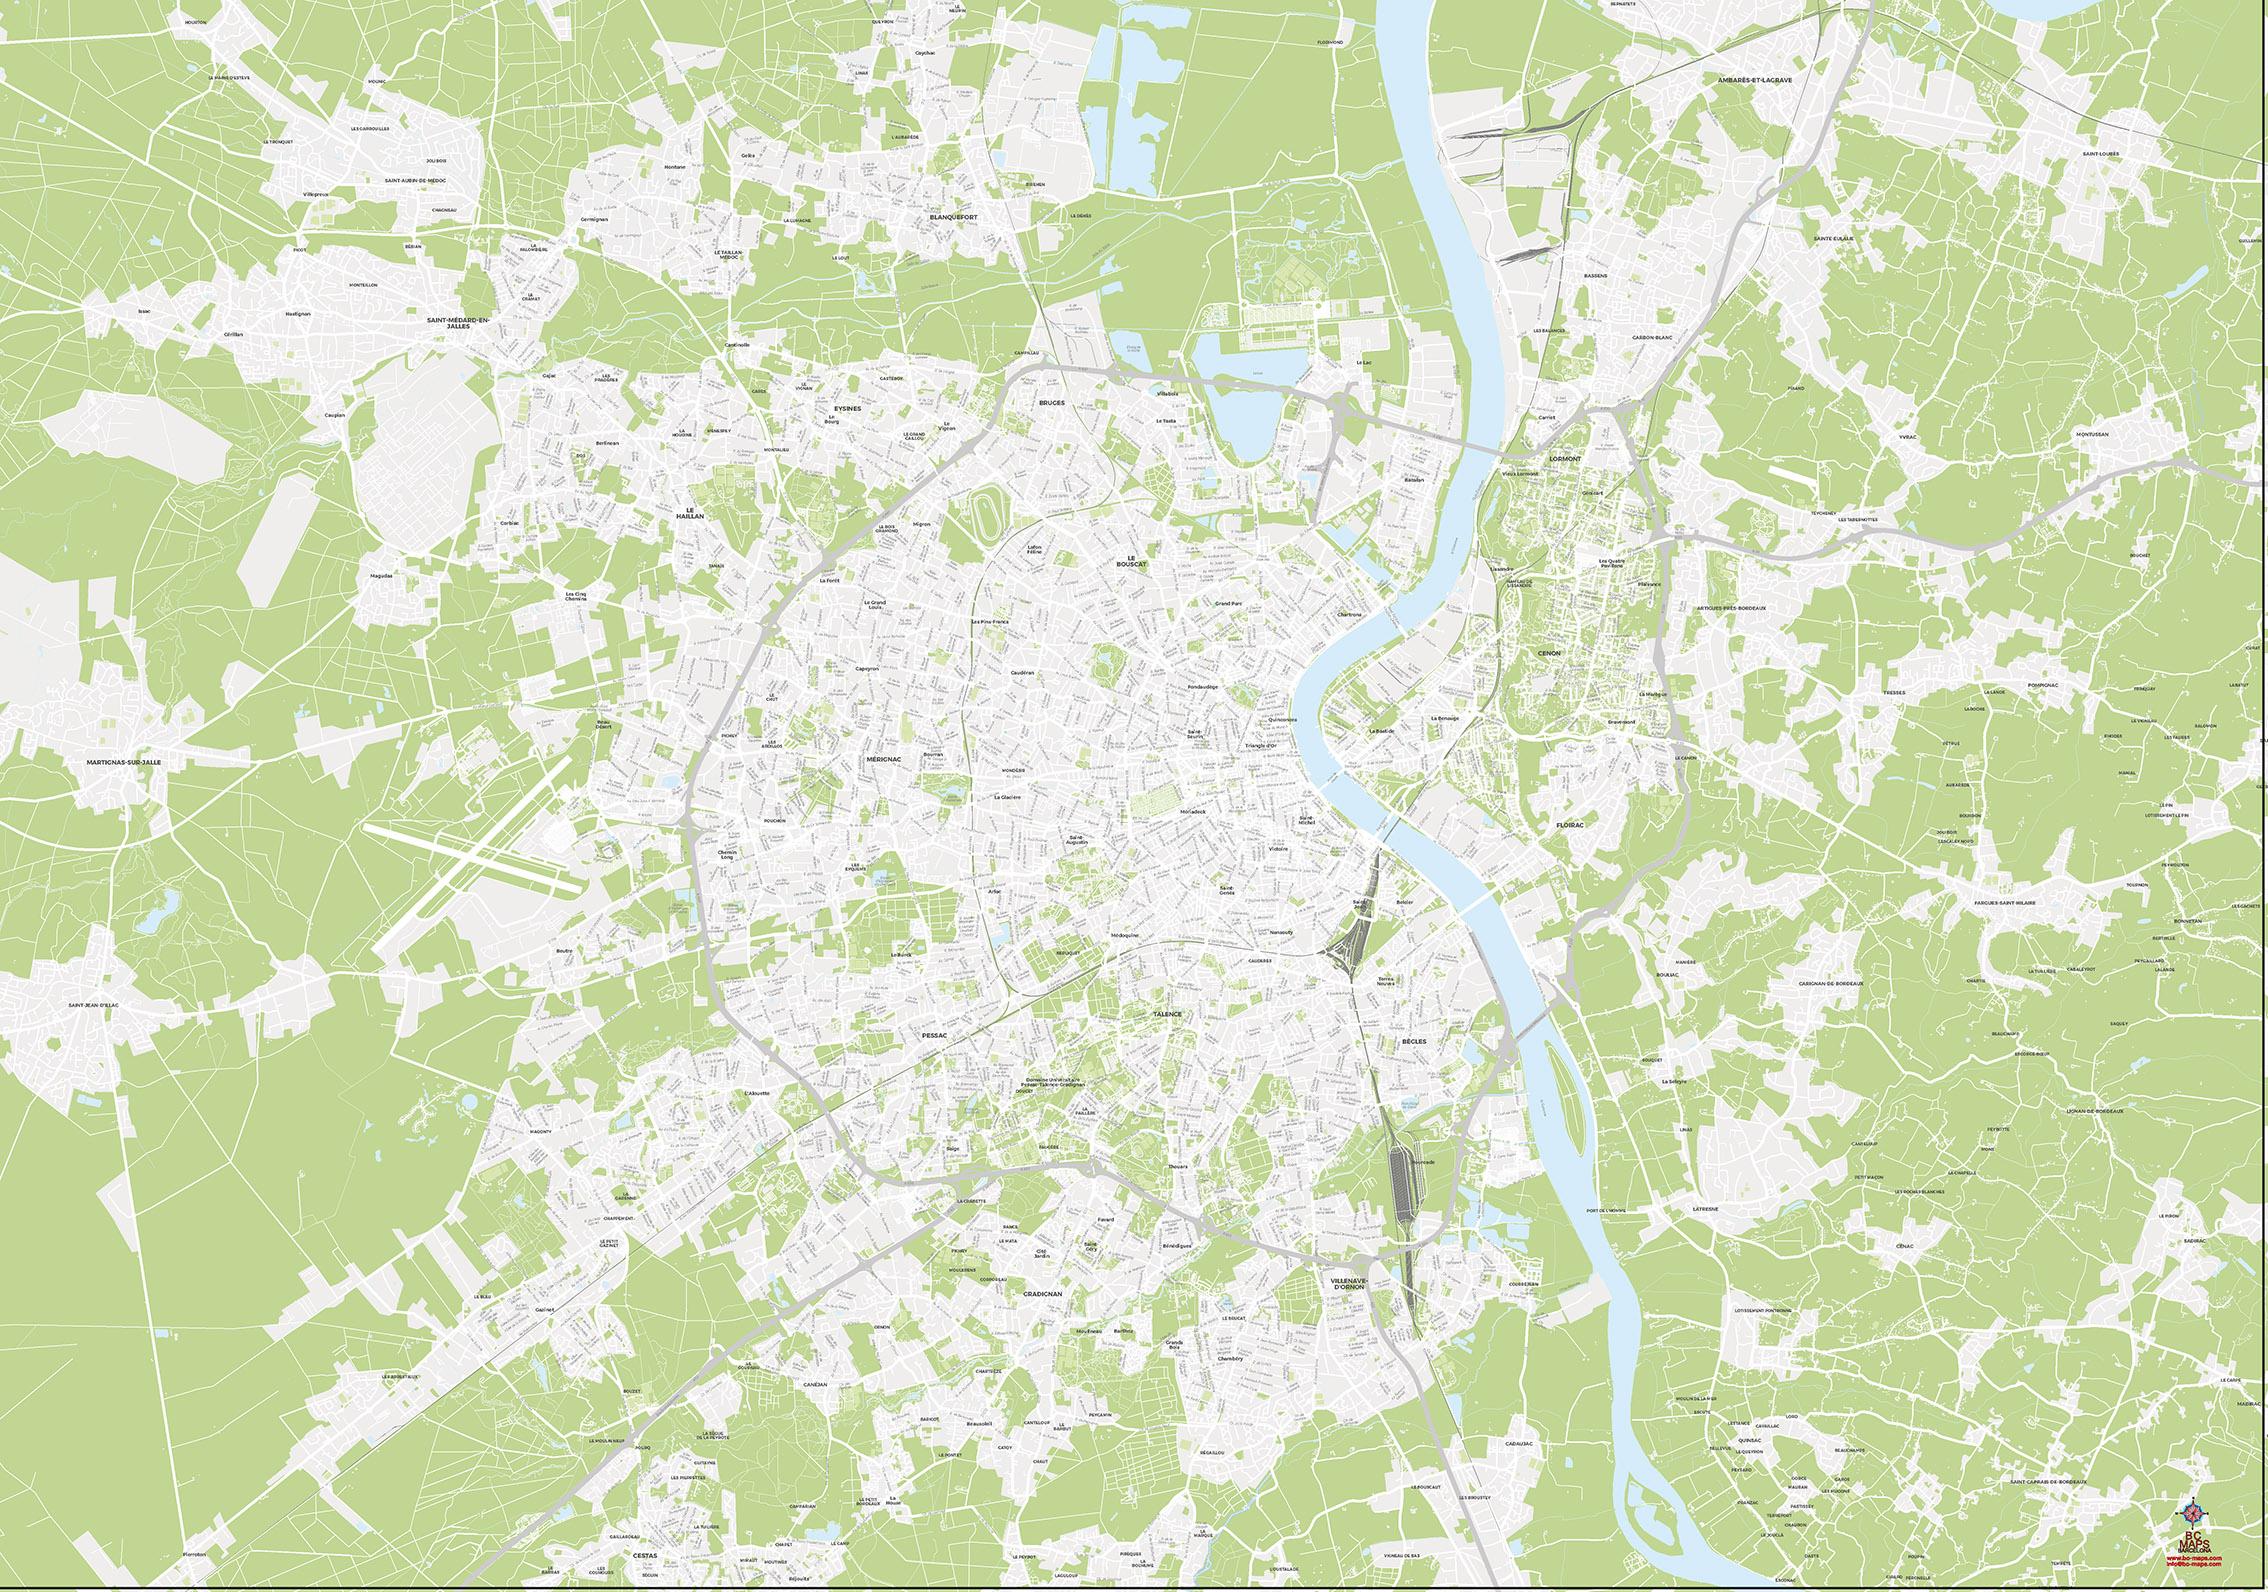 Bordeaux plan de ville fond de carte vectoriel illustrator eps